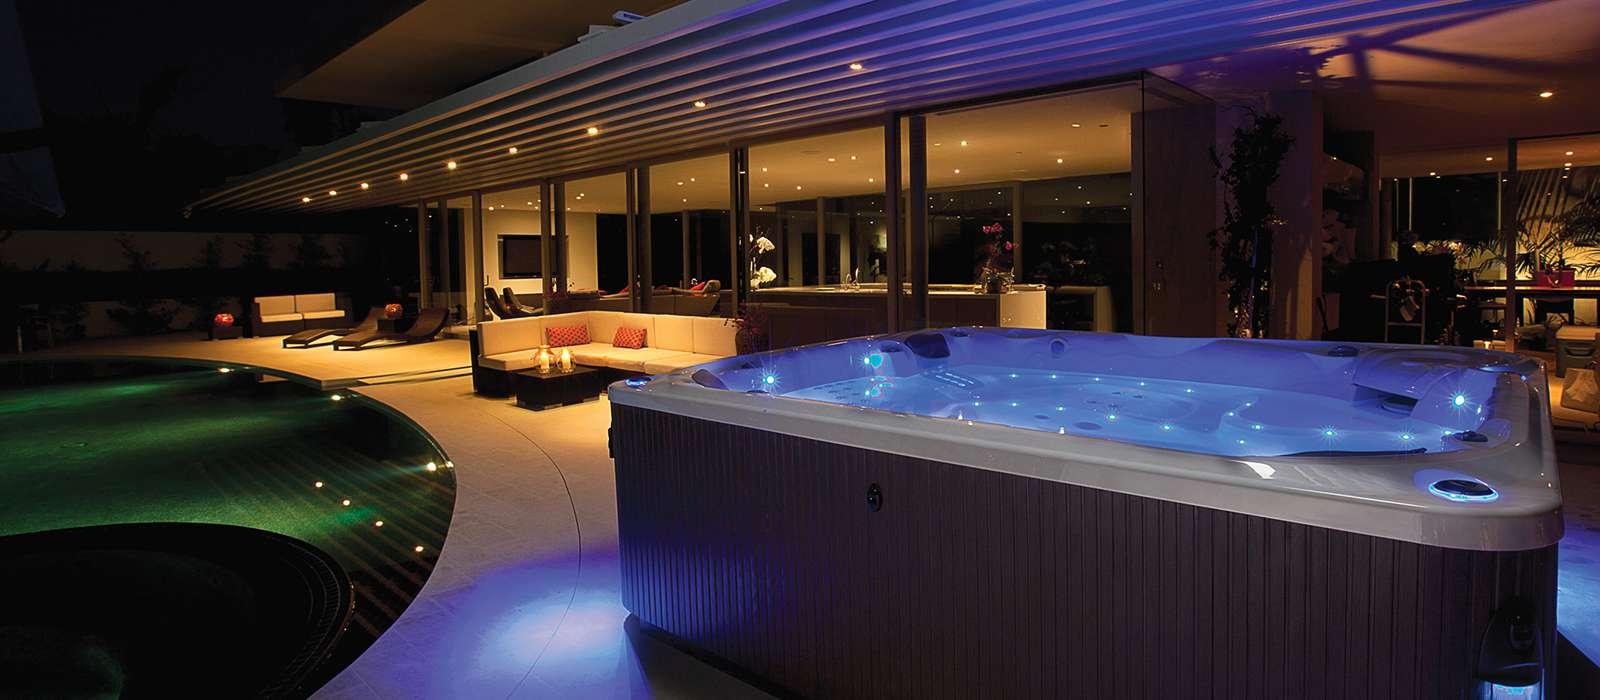 Hot Tub Design Ideas Alaskaspa Com The Waterworks